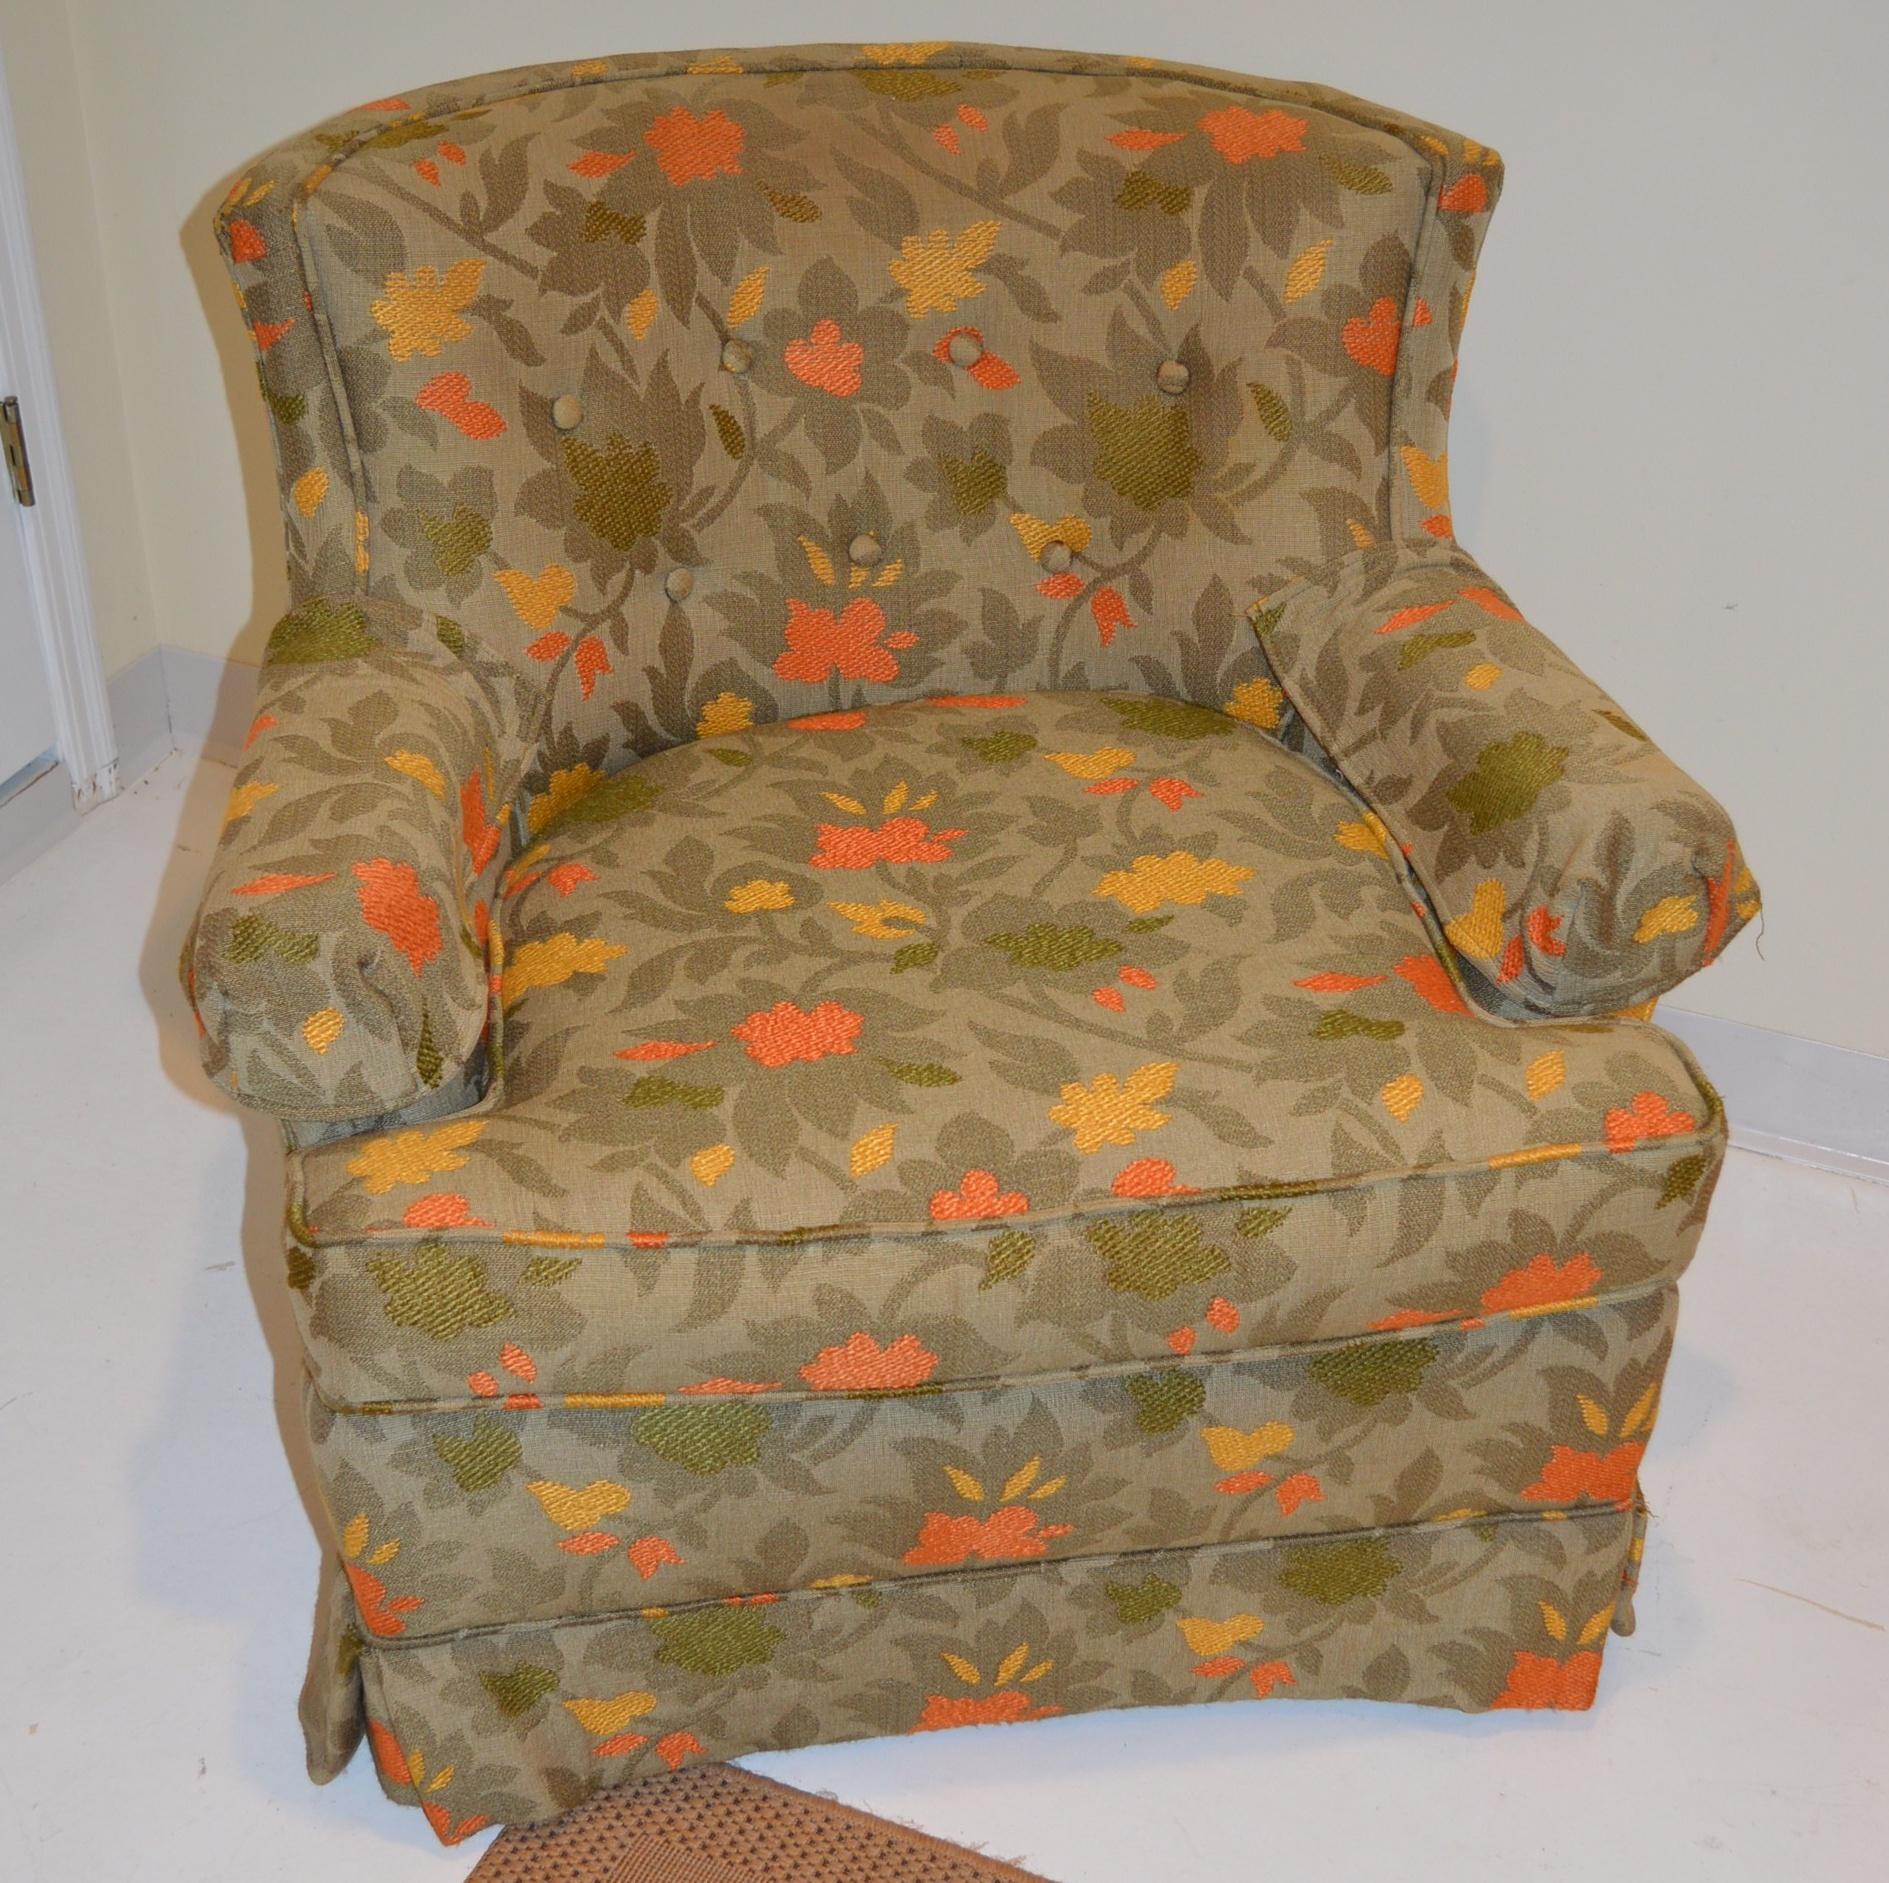 Cadeira personalizada ocasional estofada personalizada: Cadeira ocasional estofada personalizada